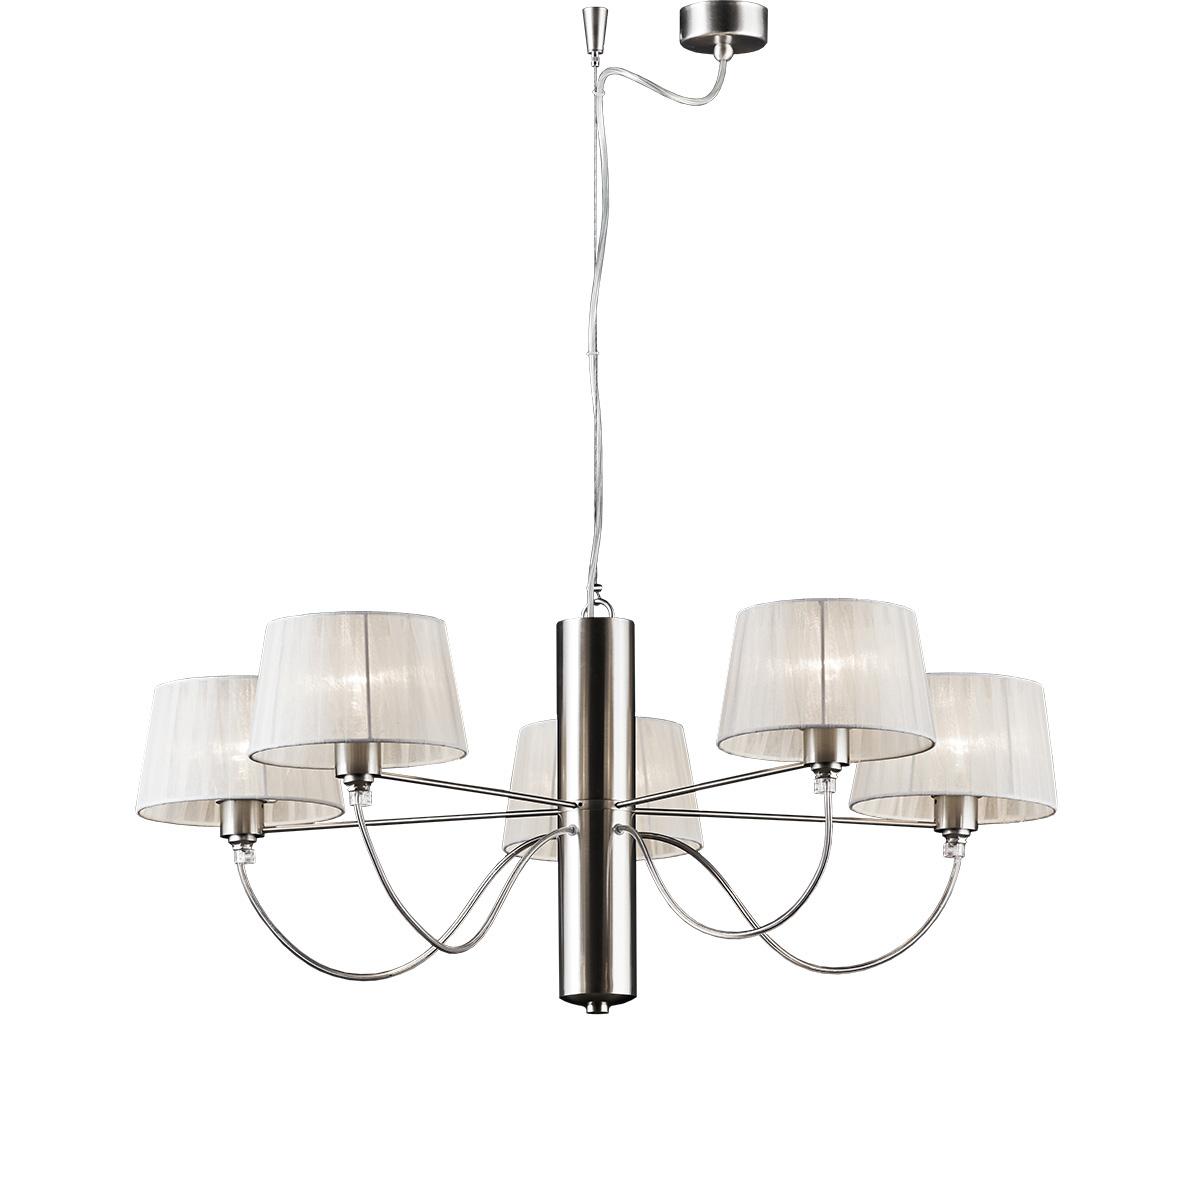 Μοντέρνο φωτιστικό με ακτίνες ΟΡΓΑΝΤΖΑ modern radial chandelier